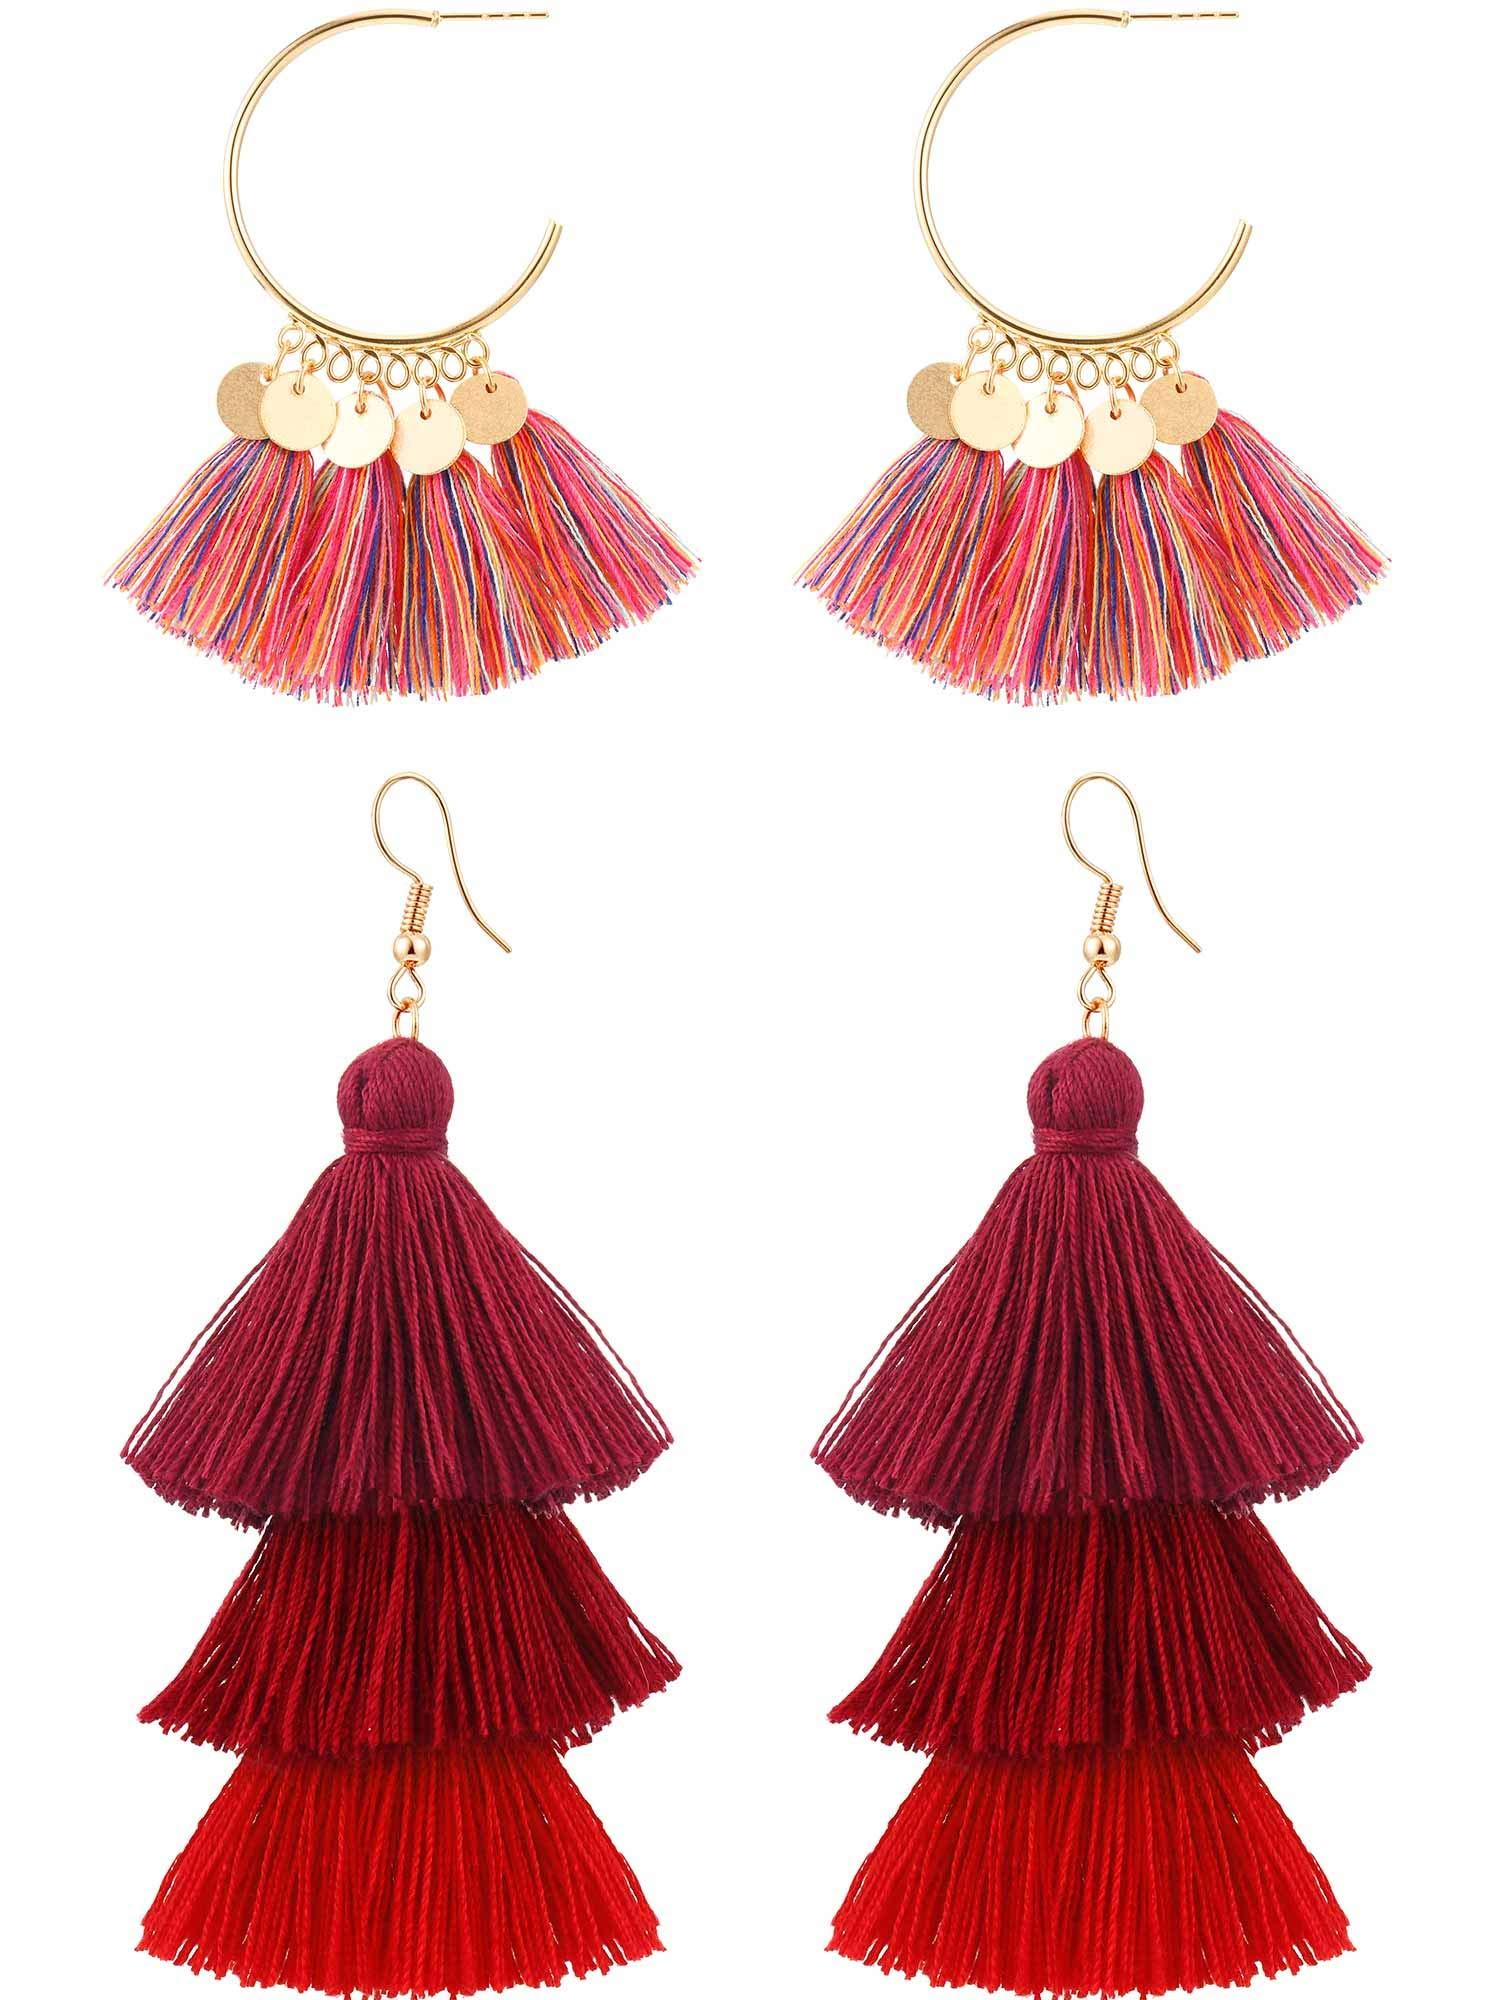 Boao 2 Pairs Tassel Earrings Women Girls Bohemian Layered Drop Dangle Earrings Tiered Thread Tassel Earrings (Mix Red)